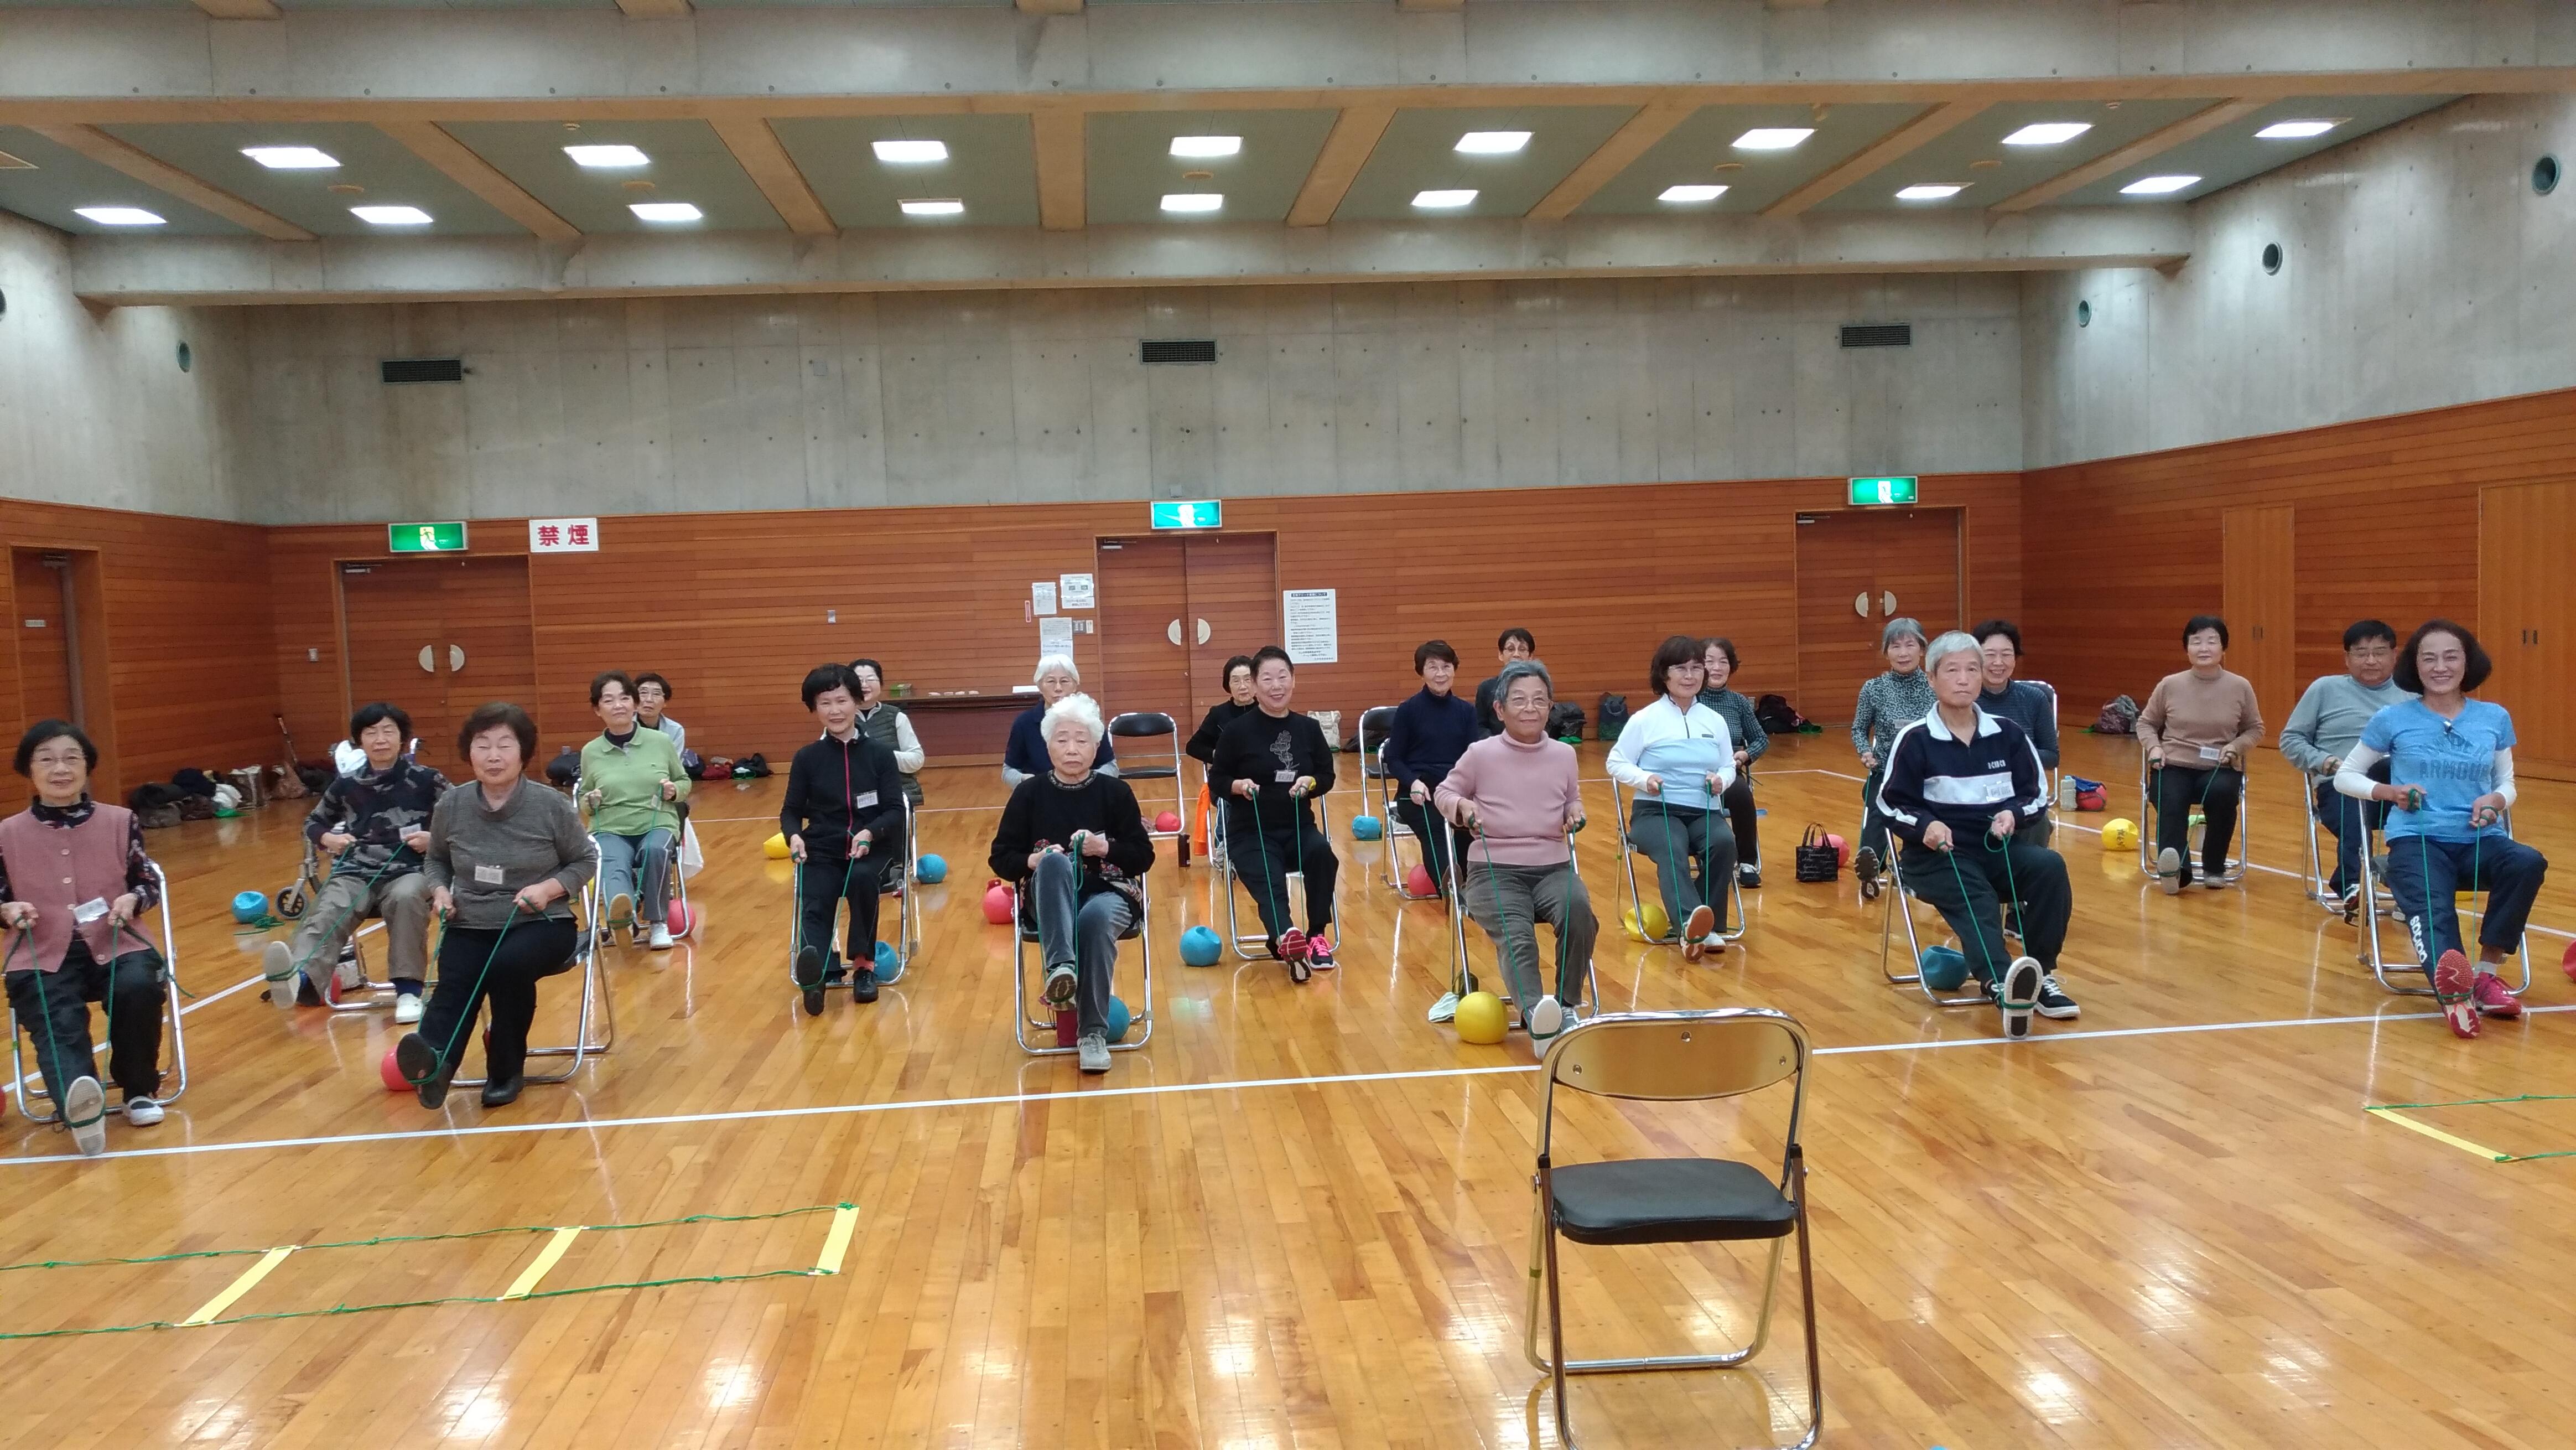 元気をつくるシニアの健康体操